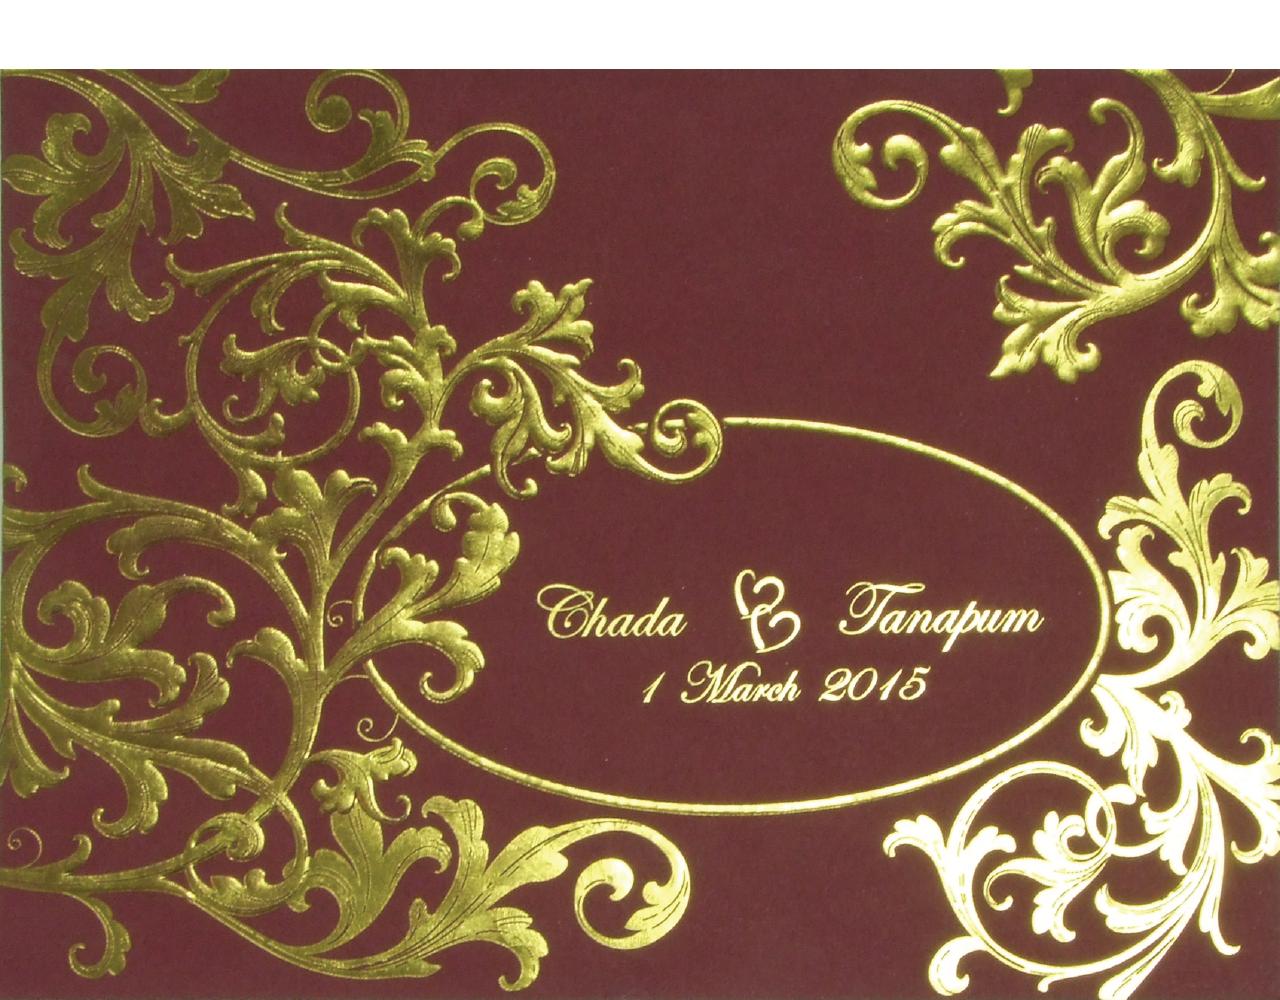 การ์ดแต่งงาน การ์ดเชิญสีแดงเลือดหมู ใบใหญ่ ลวดลายเรียบหรู ปั๊มนูน พิมพ์ทอง Wedding 15.3 x 21.3 cm SP 5802 Carmine